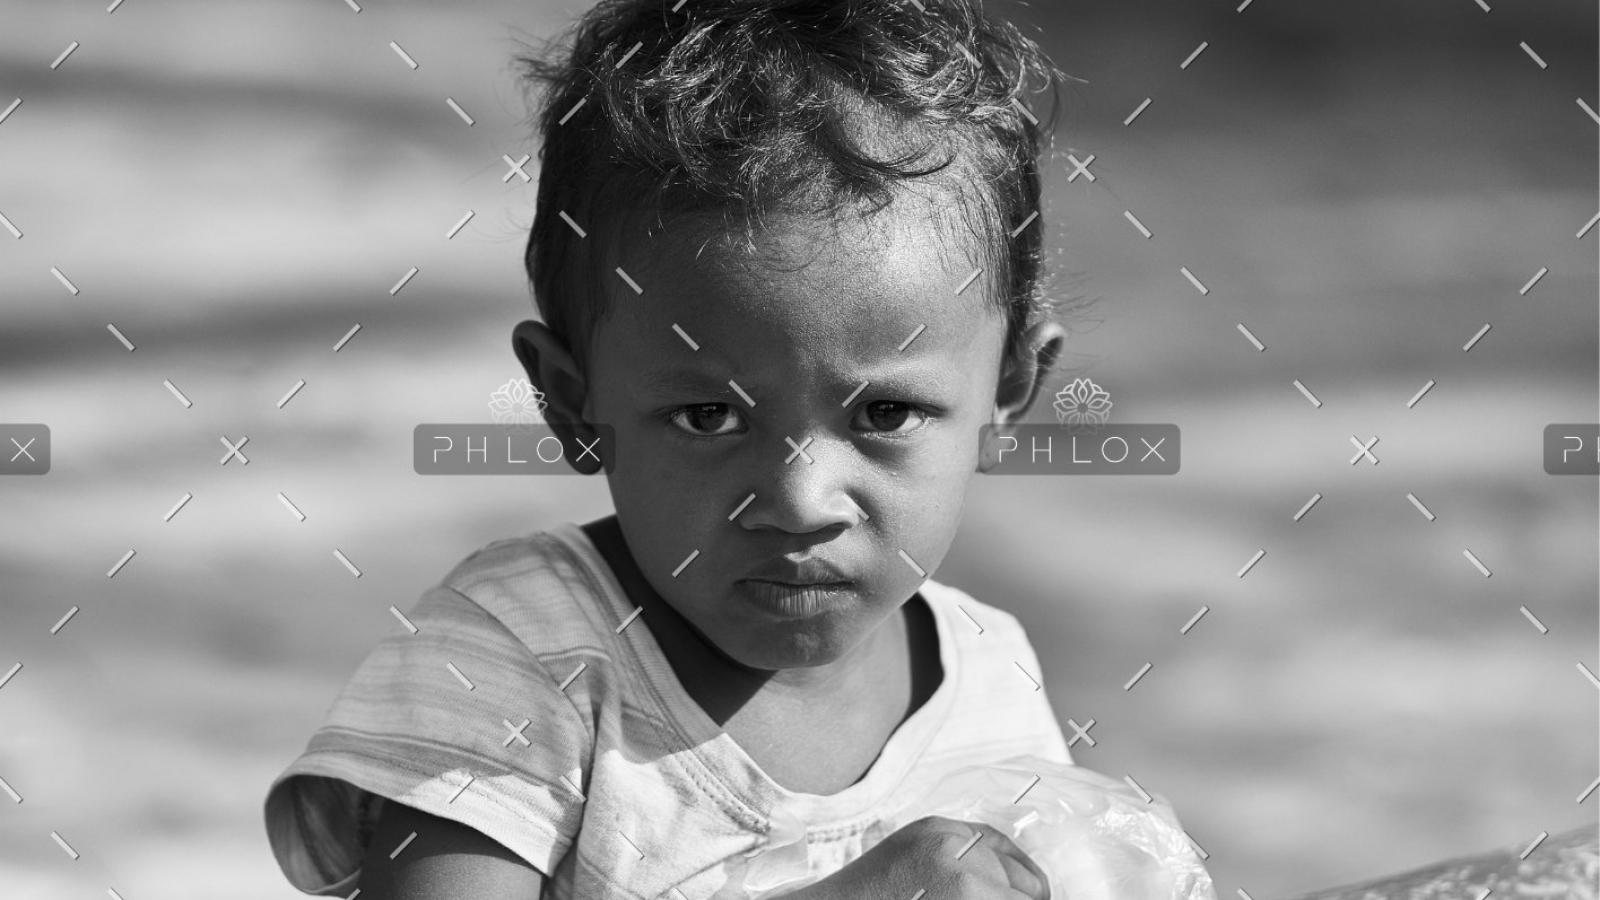 demo-attachment-294-portrait-3045815_1920@2x